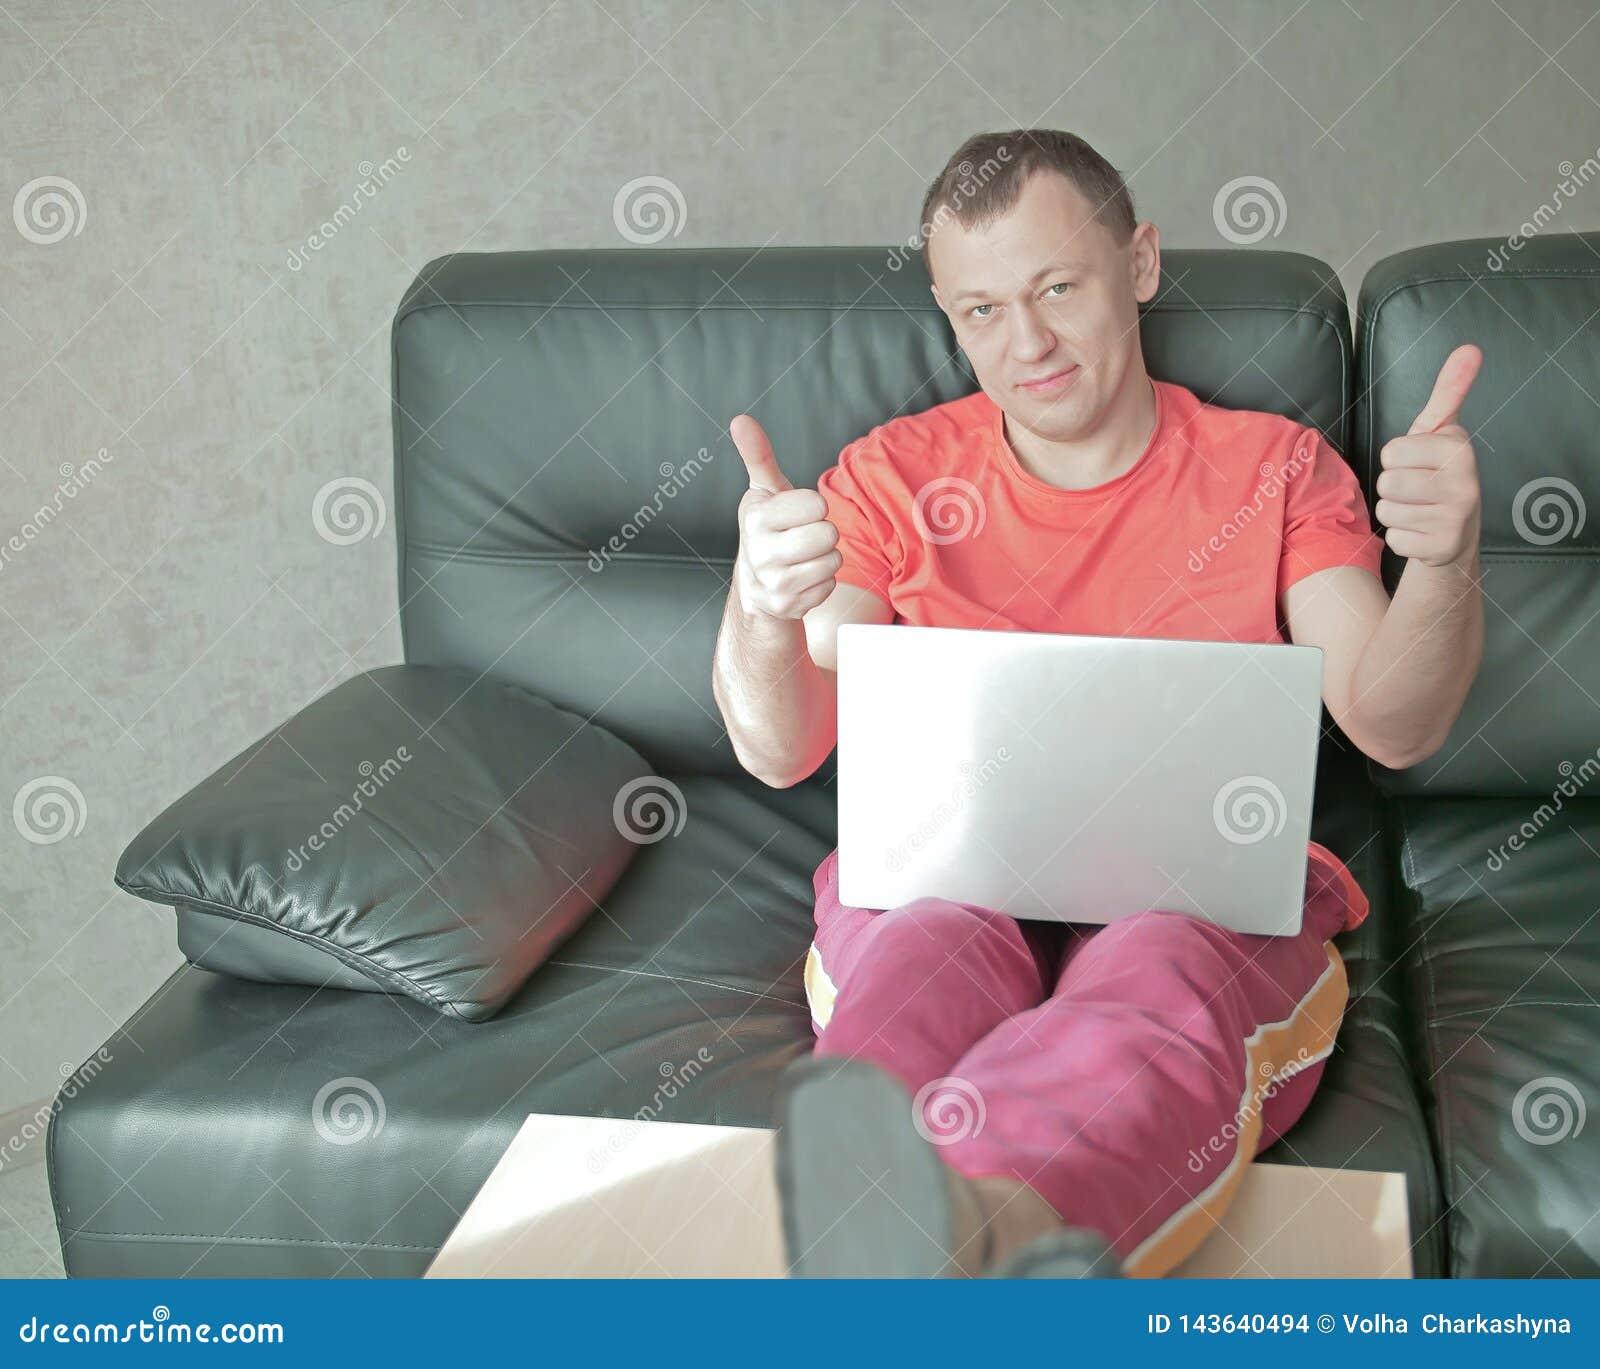 Młody uśmiechnięty mężczyzna z laptopem siedzi na kanapie w domu i trzyma aprobaty, spojrzenia w kamerę